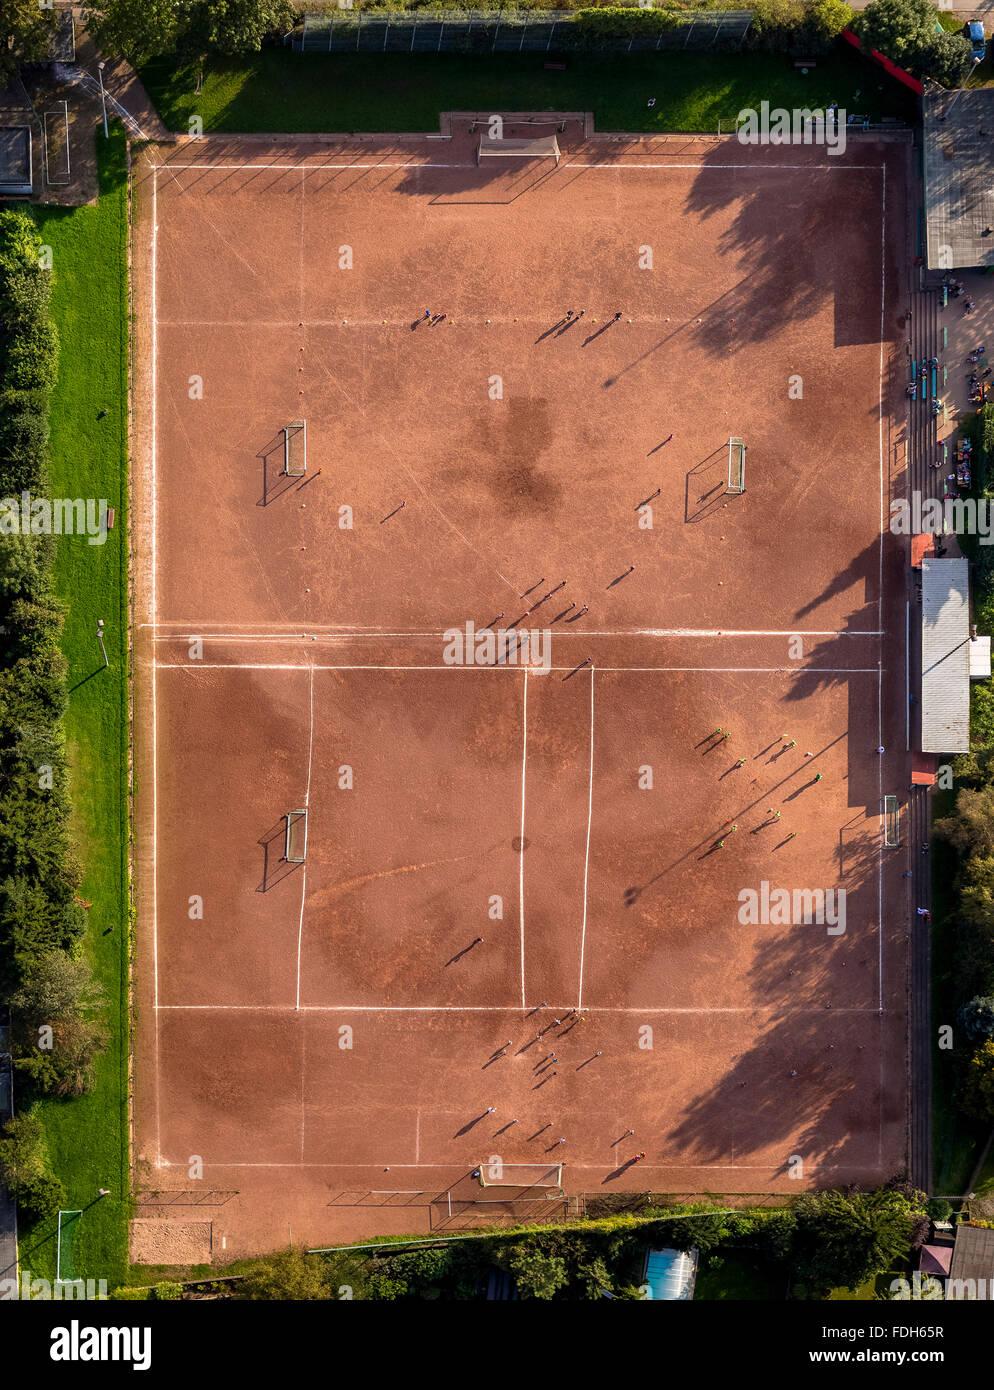 Vista aerea, impianto sportivo VfL Börnig in Herne Börnig nella formazione dei giovani, la registrazione Immagini Stock